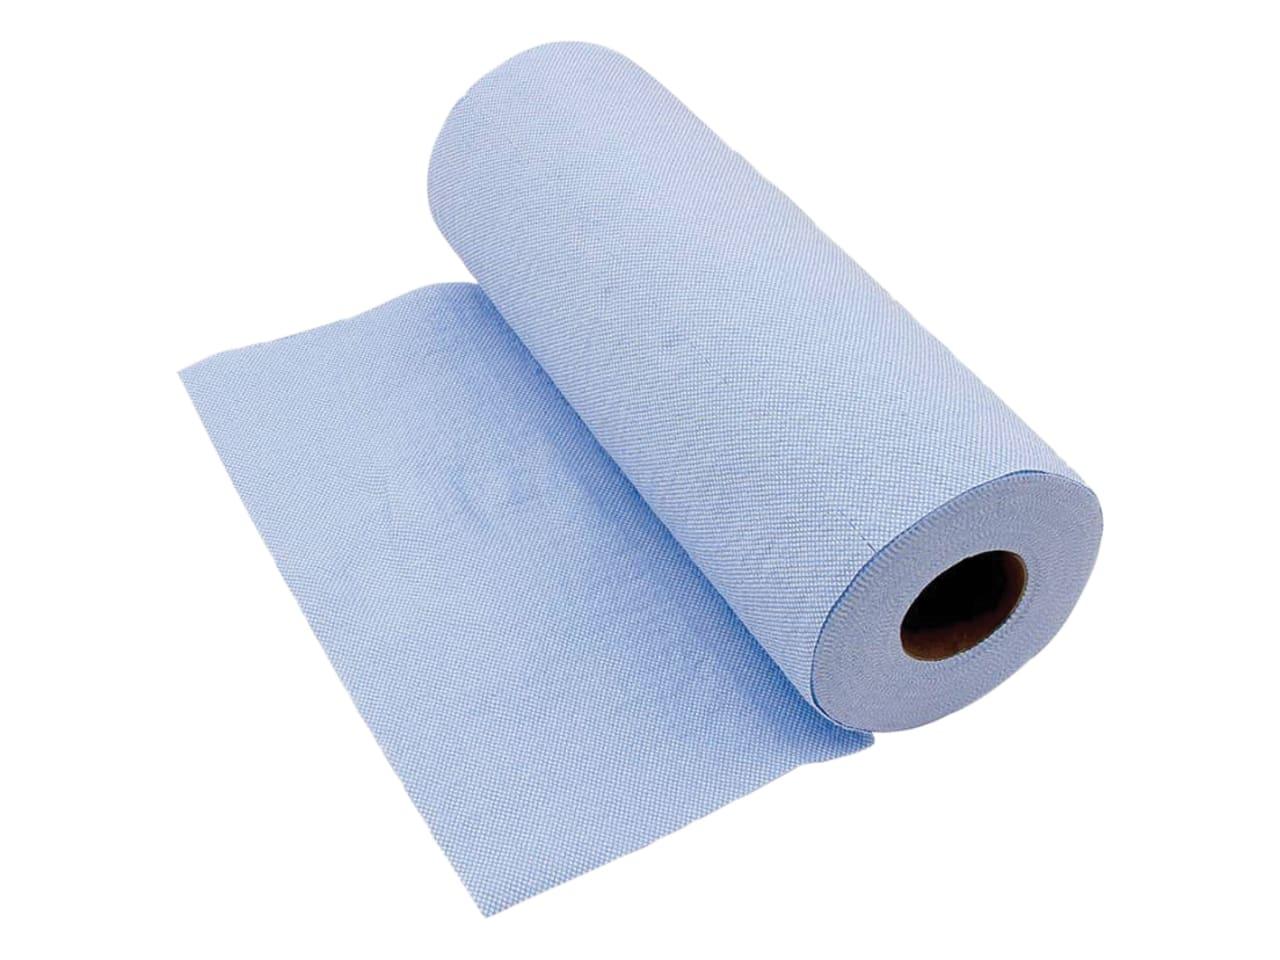 Blue Kimberley Clarke KCL32992B Heavy-Duty Shop Cloth Roll